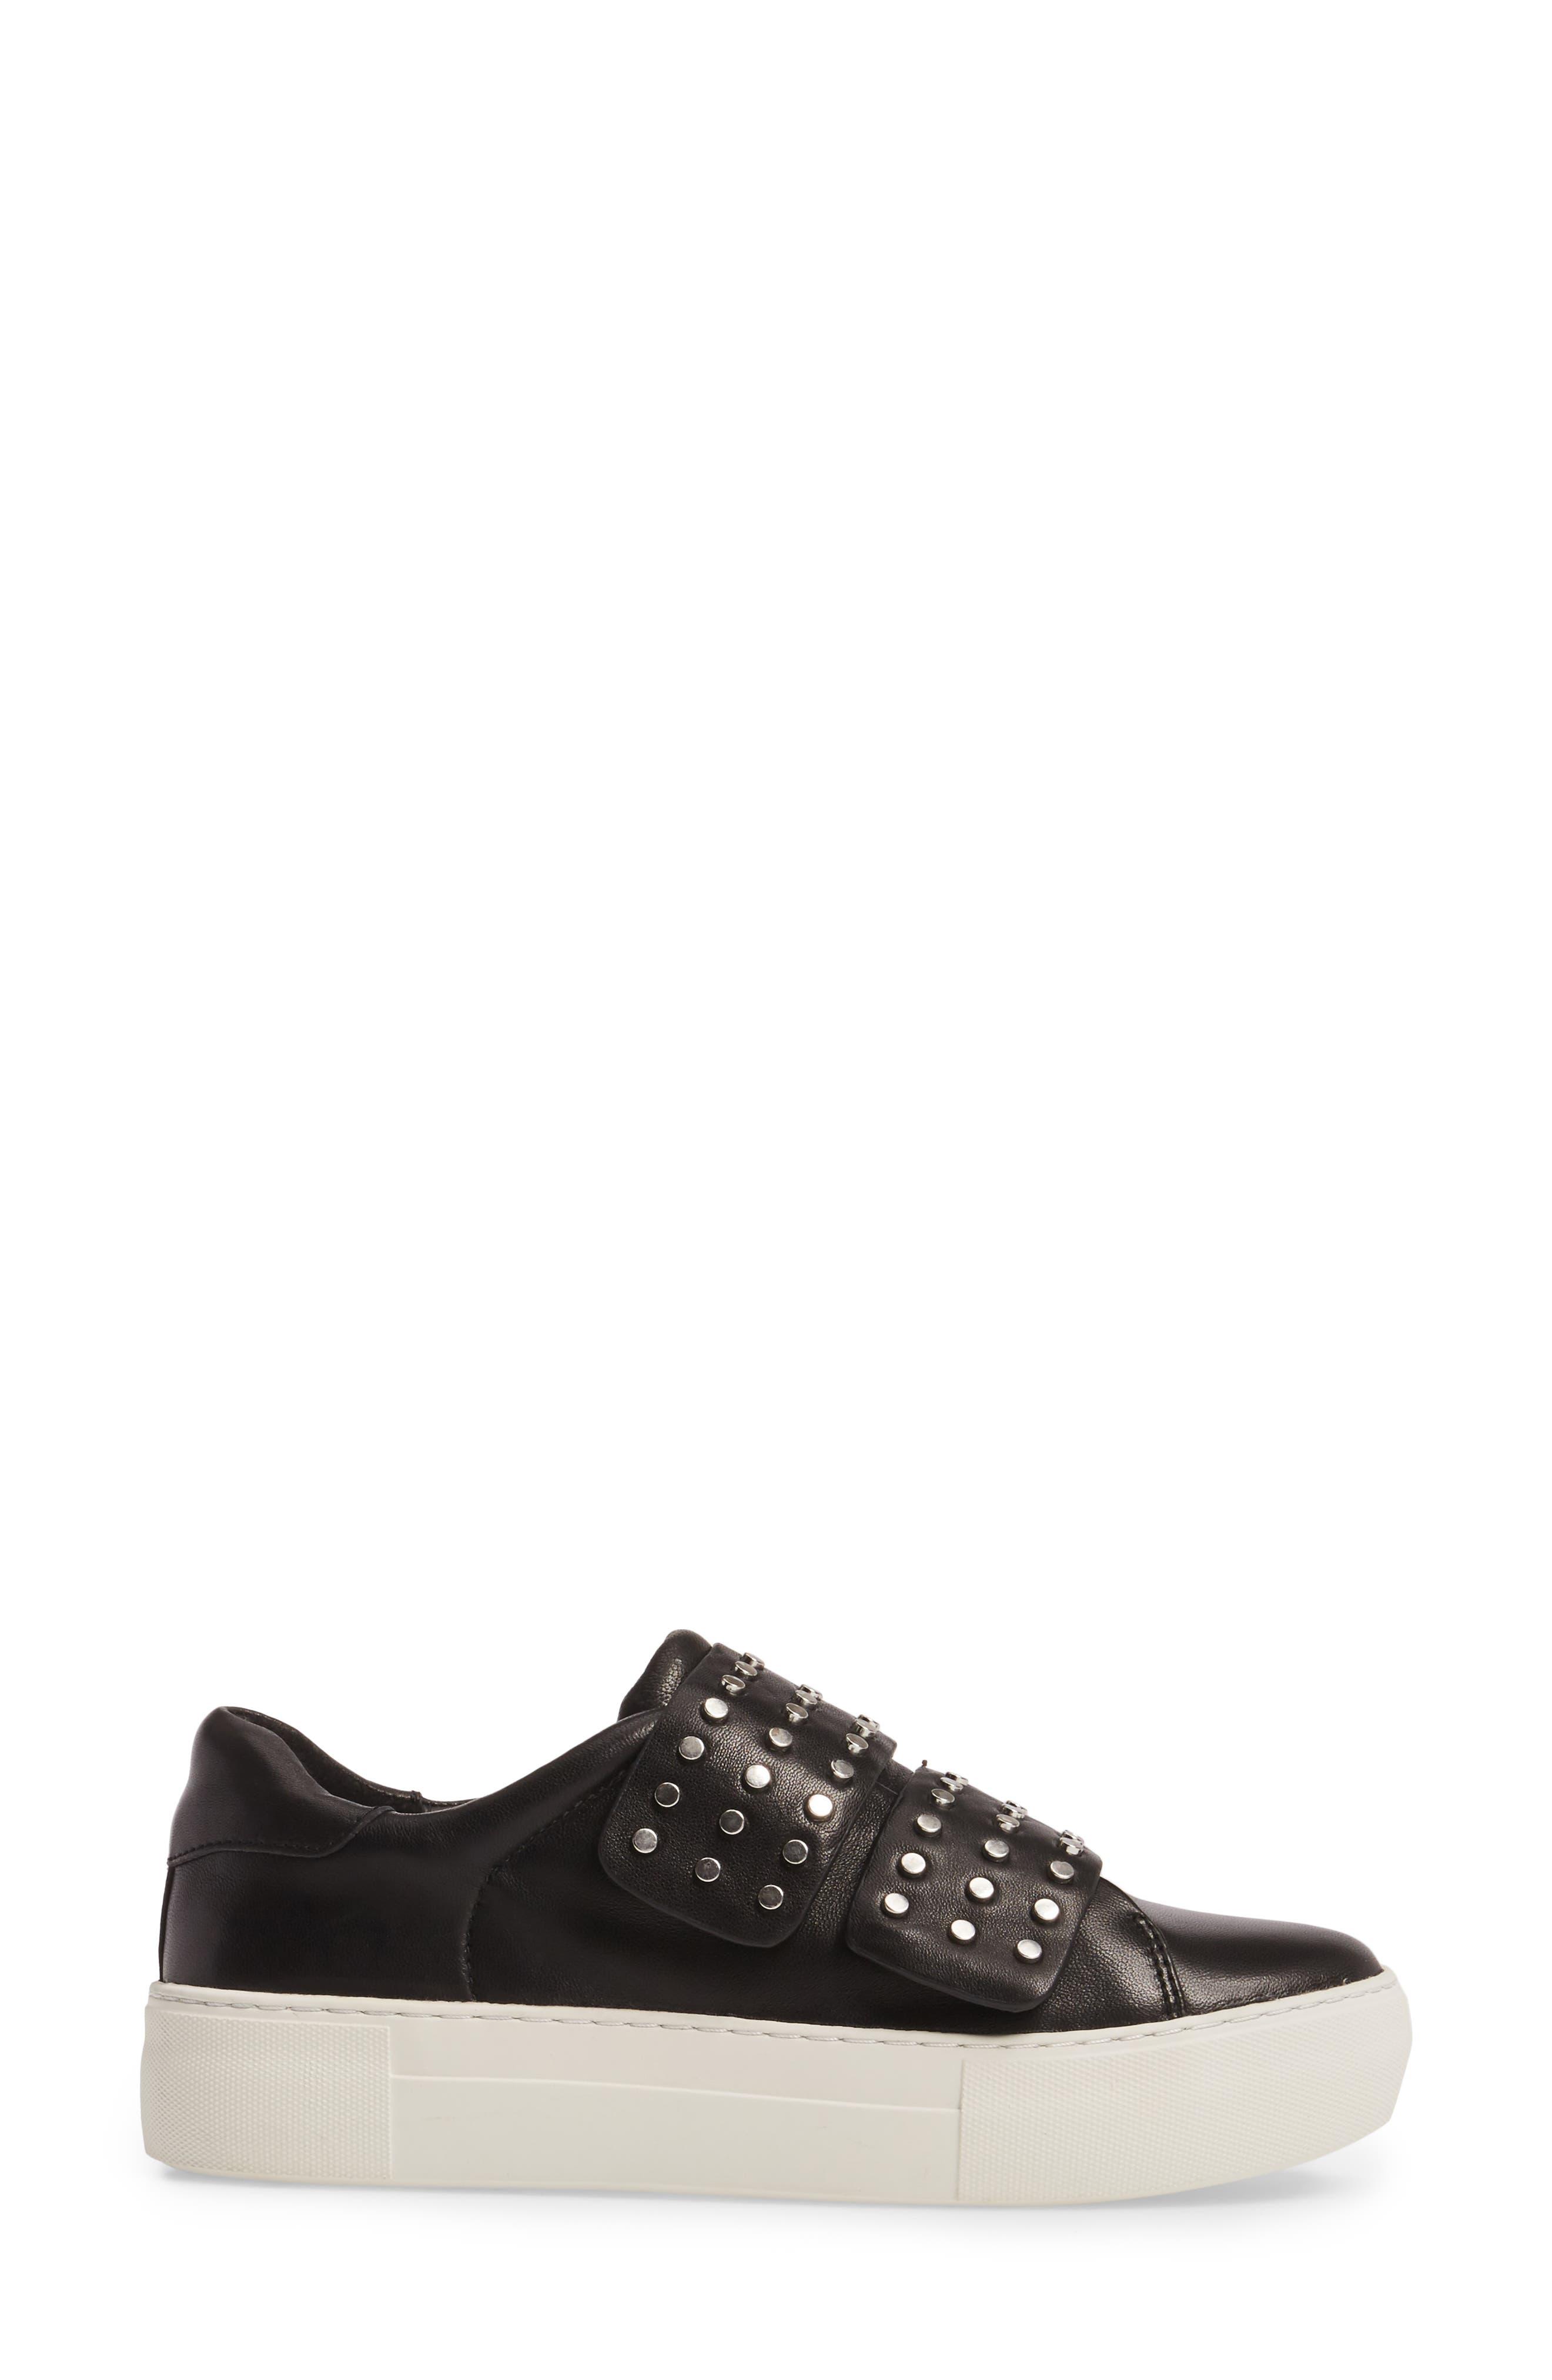 Alternate Image 3  - JSlides Accent Slip-On Sneaker (Women)